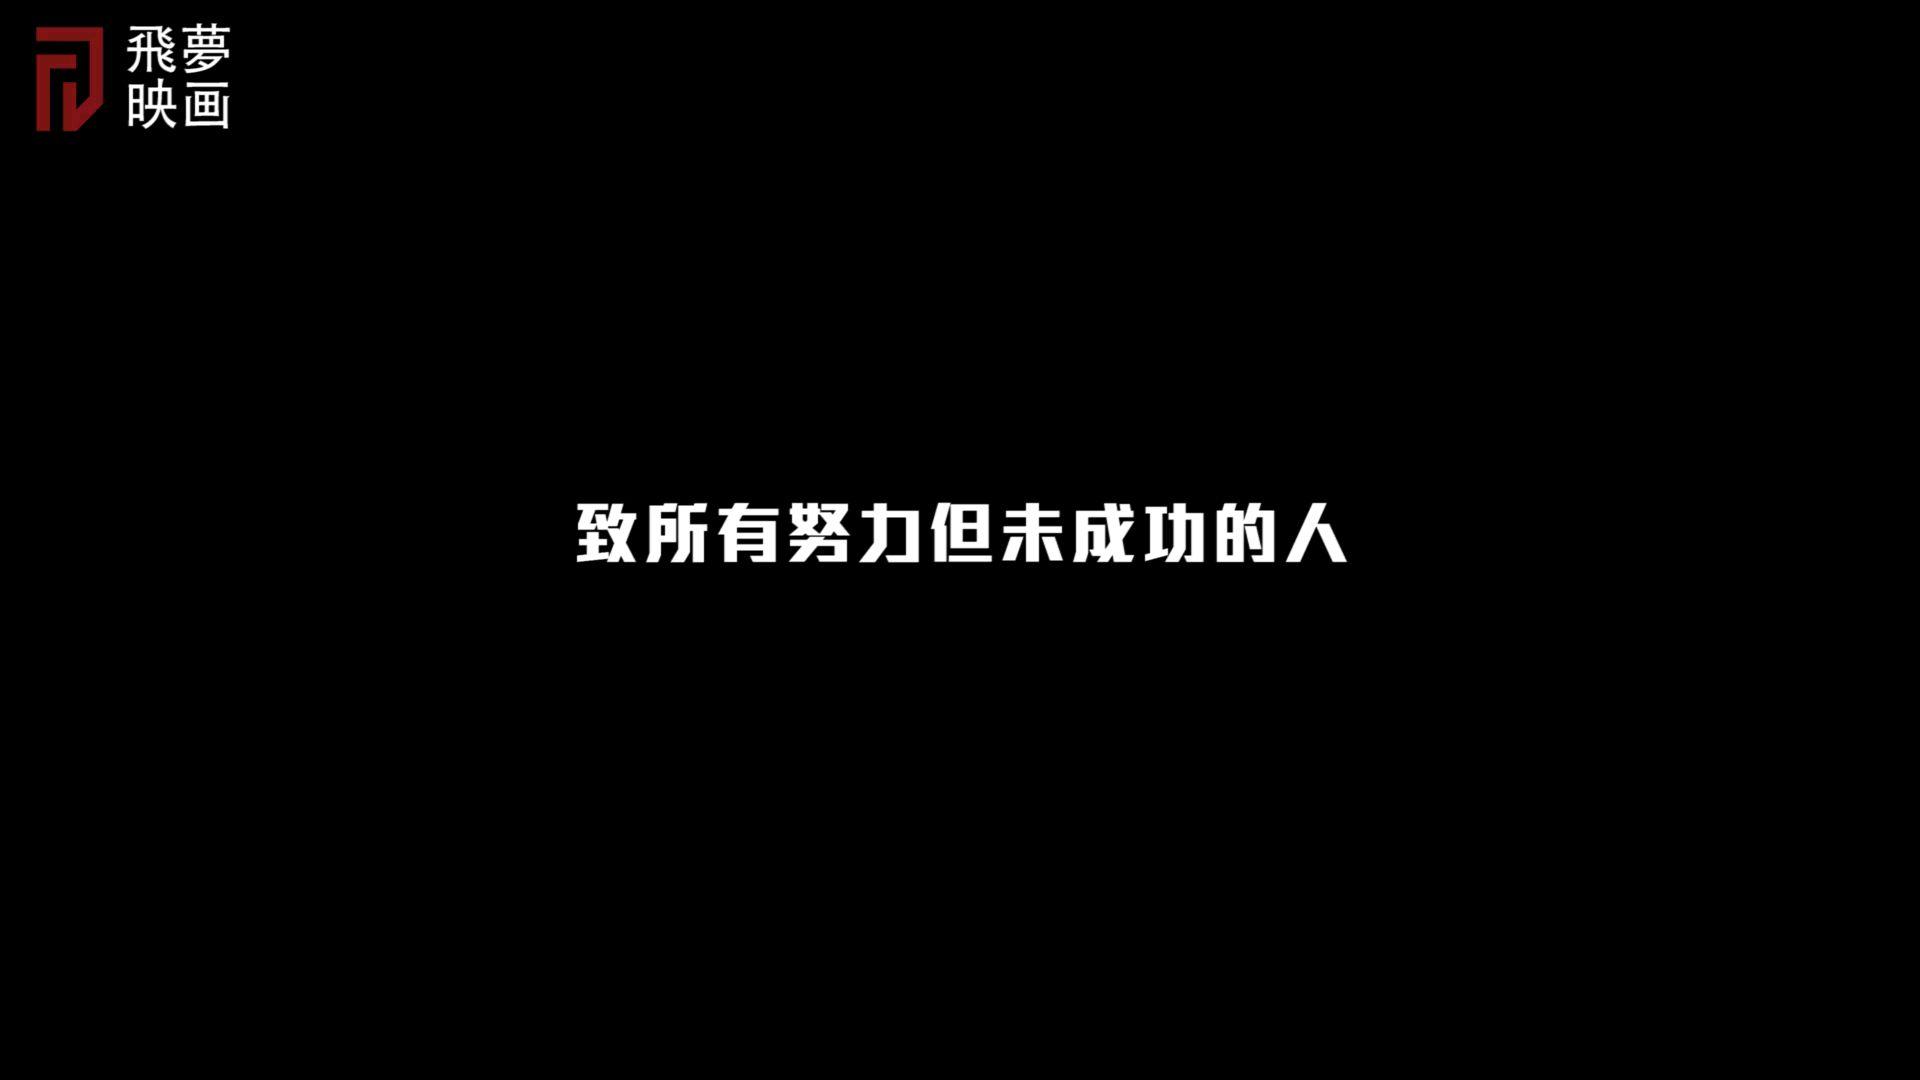 【飛夢映画】致所有努力但未成功的人